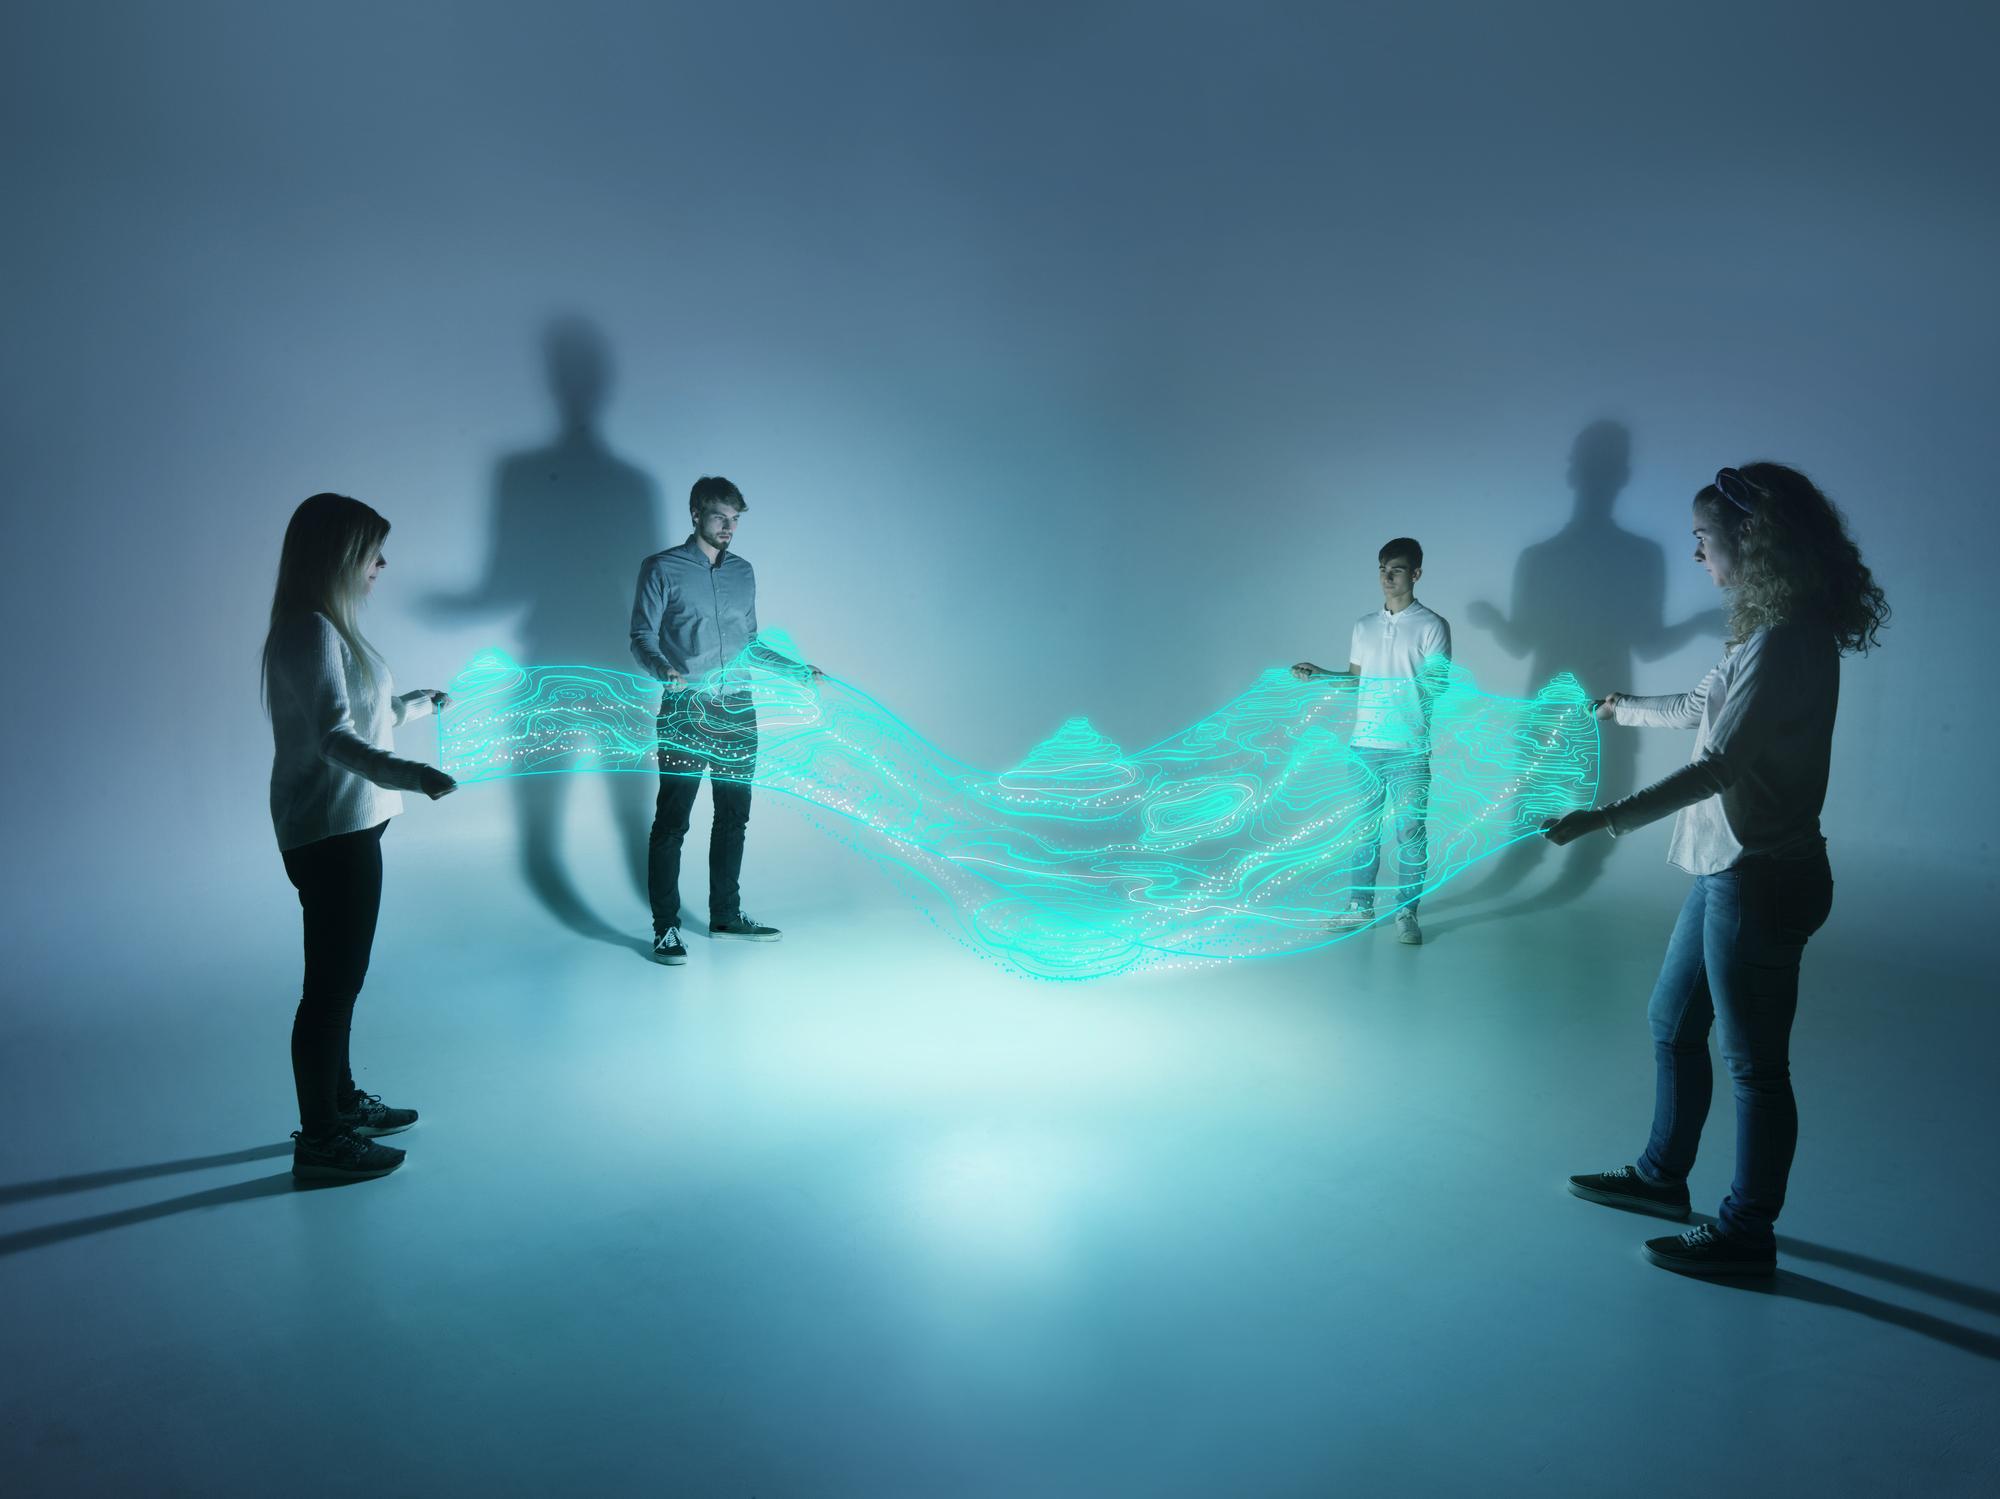 """Mitarbeiter halten Netz und sind darüber miteinander verbunden als Metapher für """"Systemeinführungen im Cut-over-Management planen"""""""